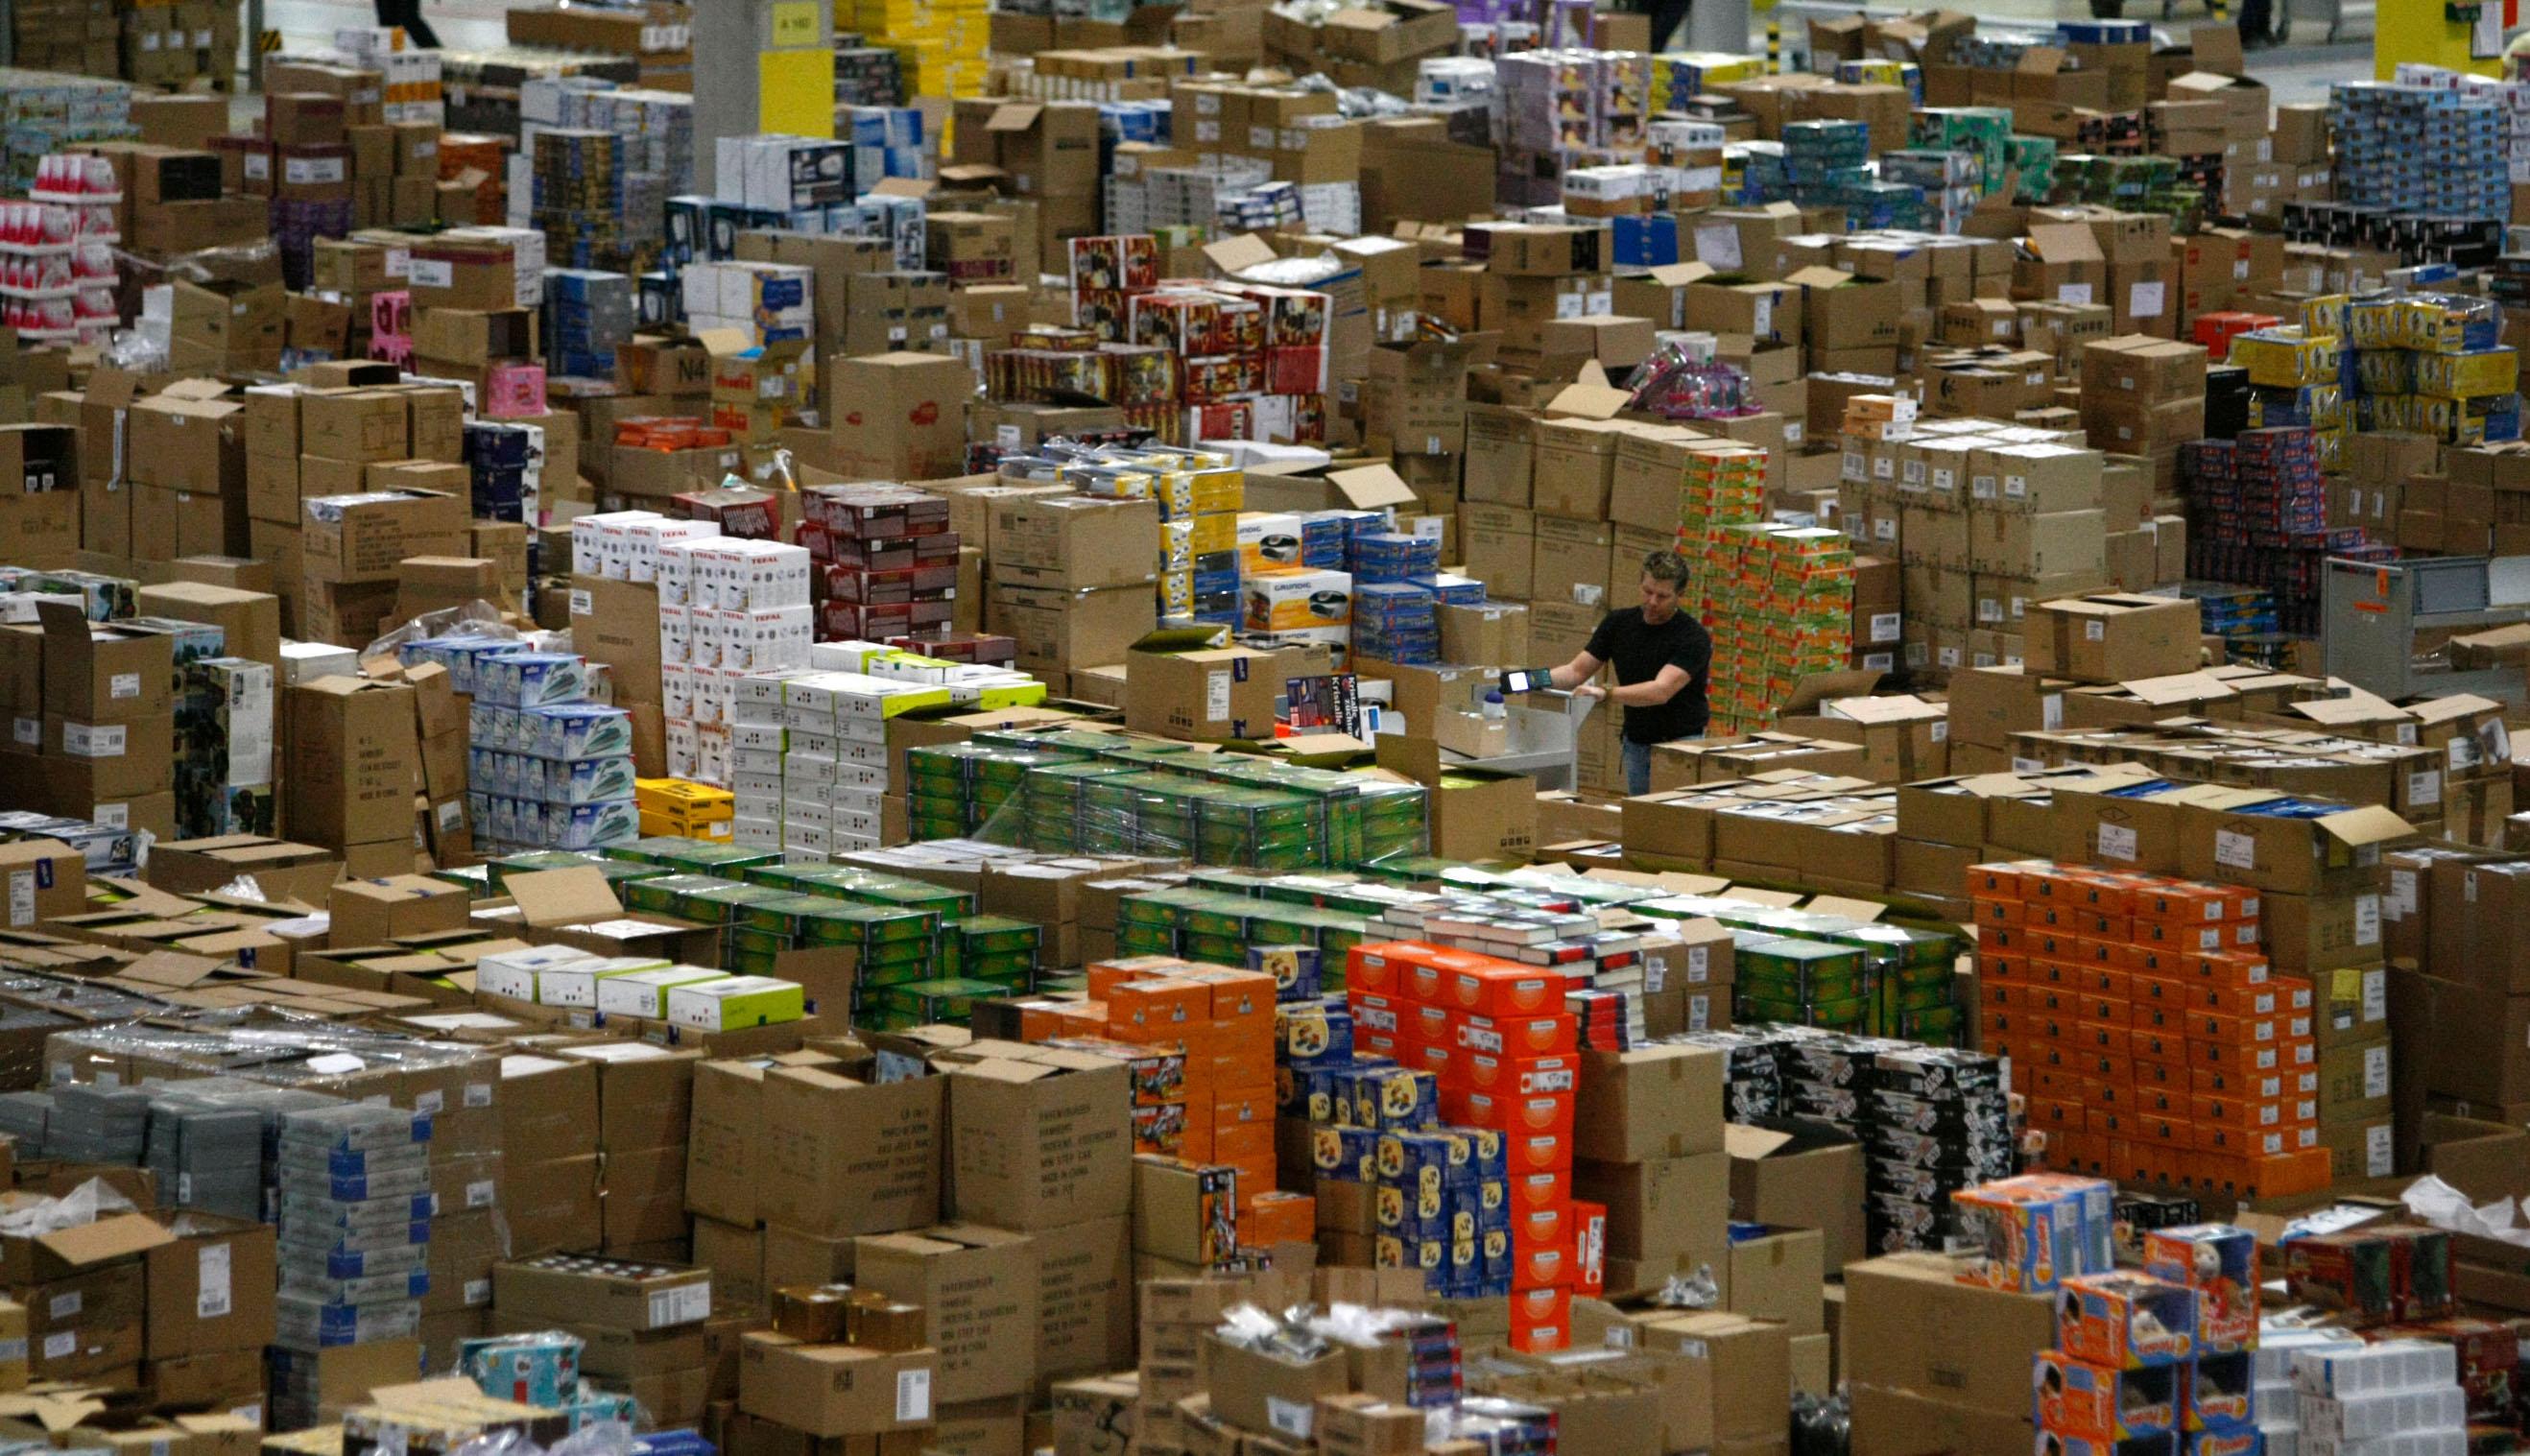 Ilustracija, Amazonovo skladište u Leipzigu